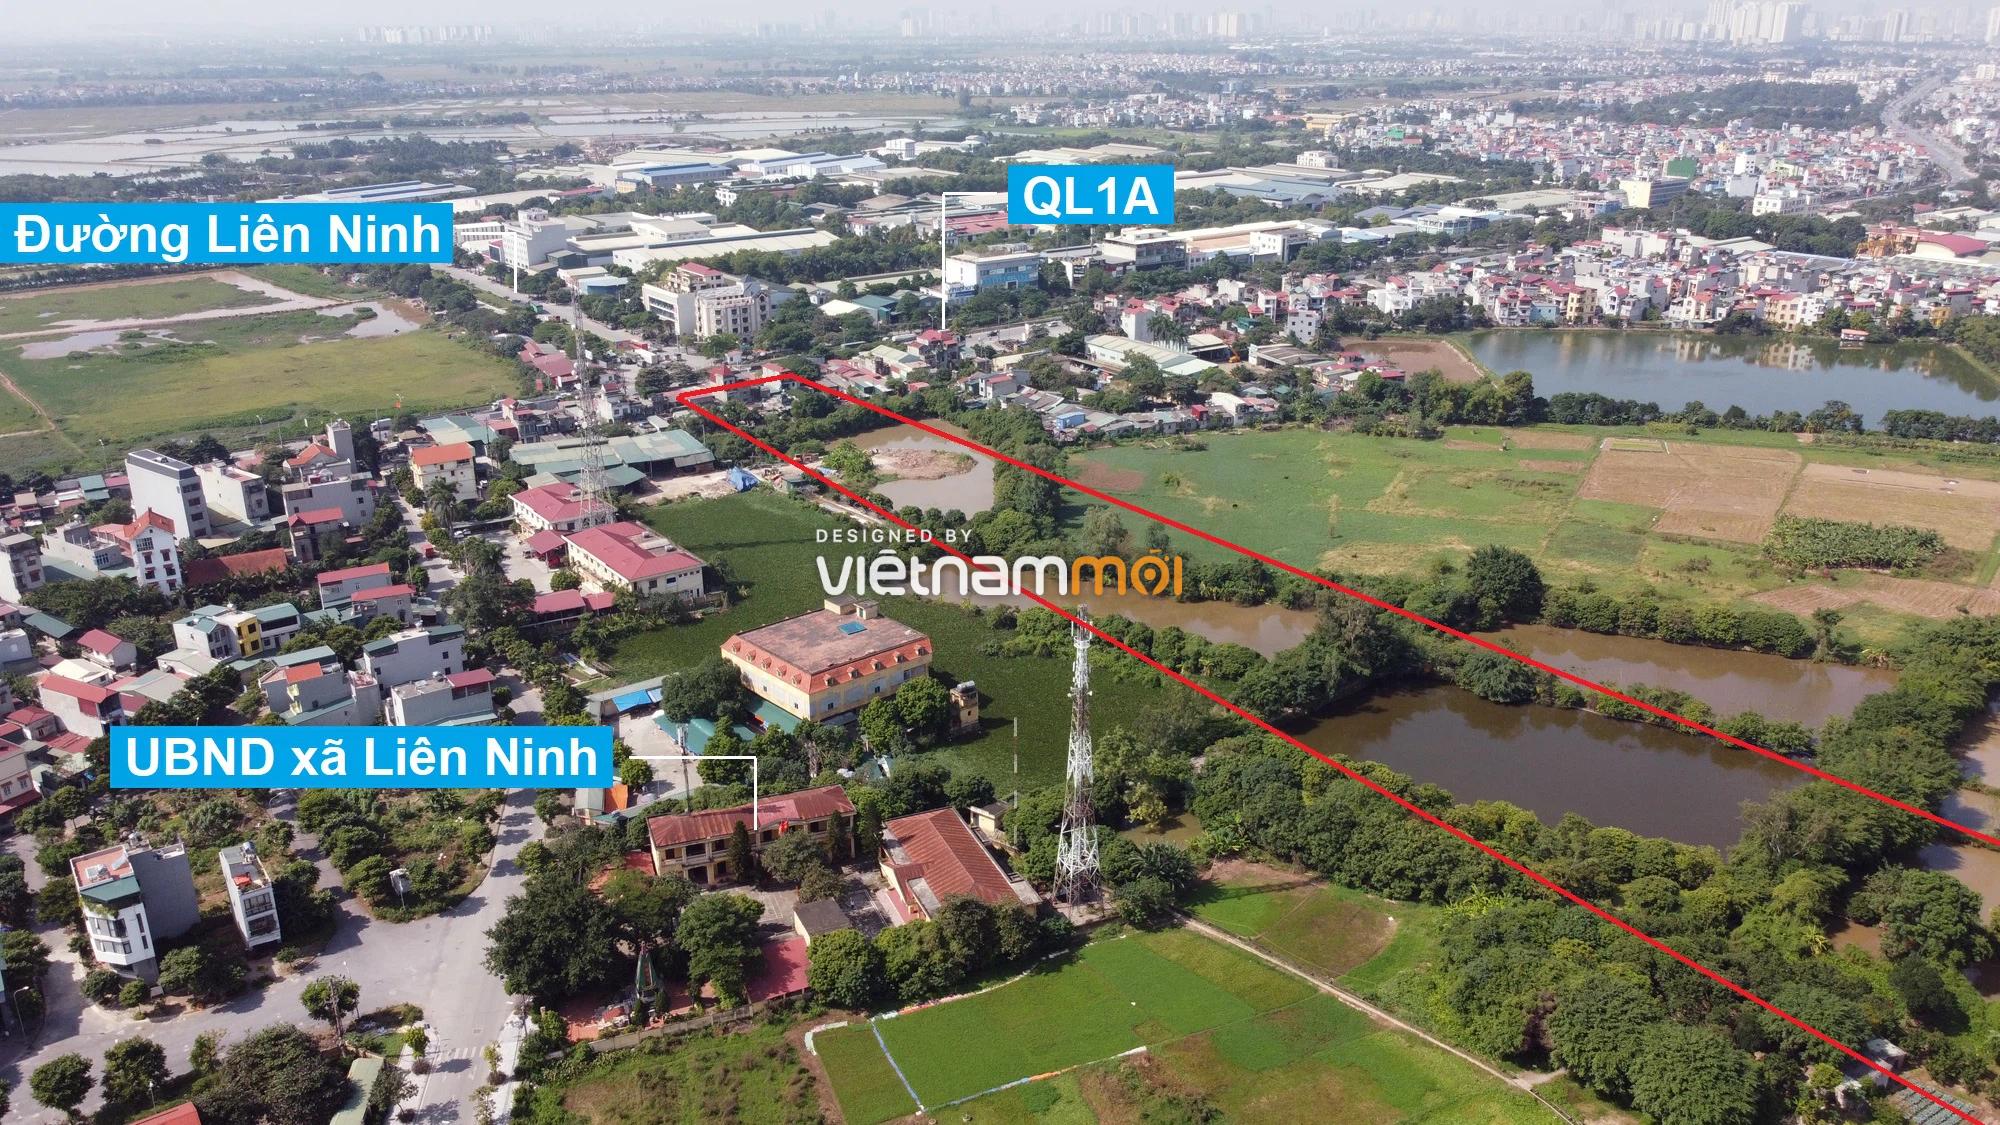 Những khu đất sắp thu hồi để mở đường ở xã Liên Ninh, Thanh Trì, Hà Nội (phần 1) - Ảnh 3.